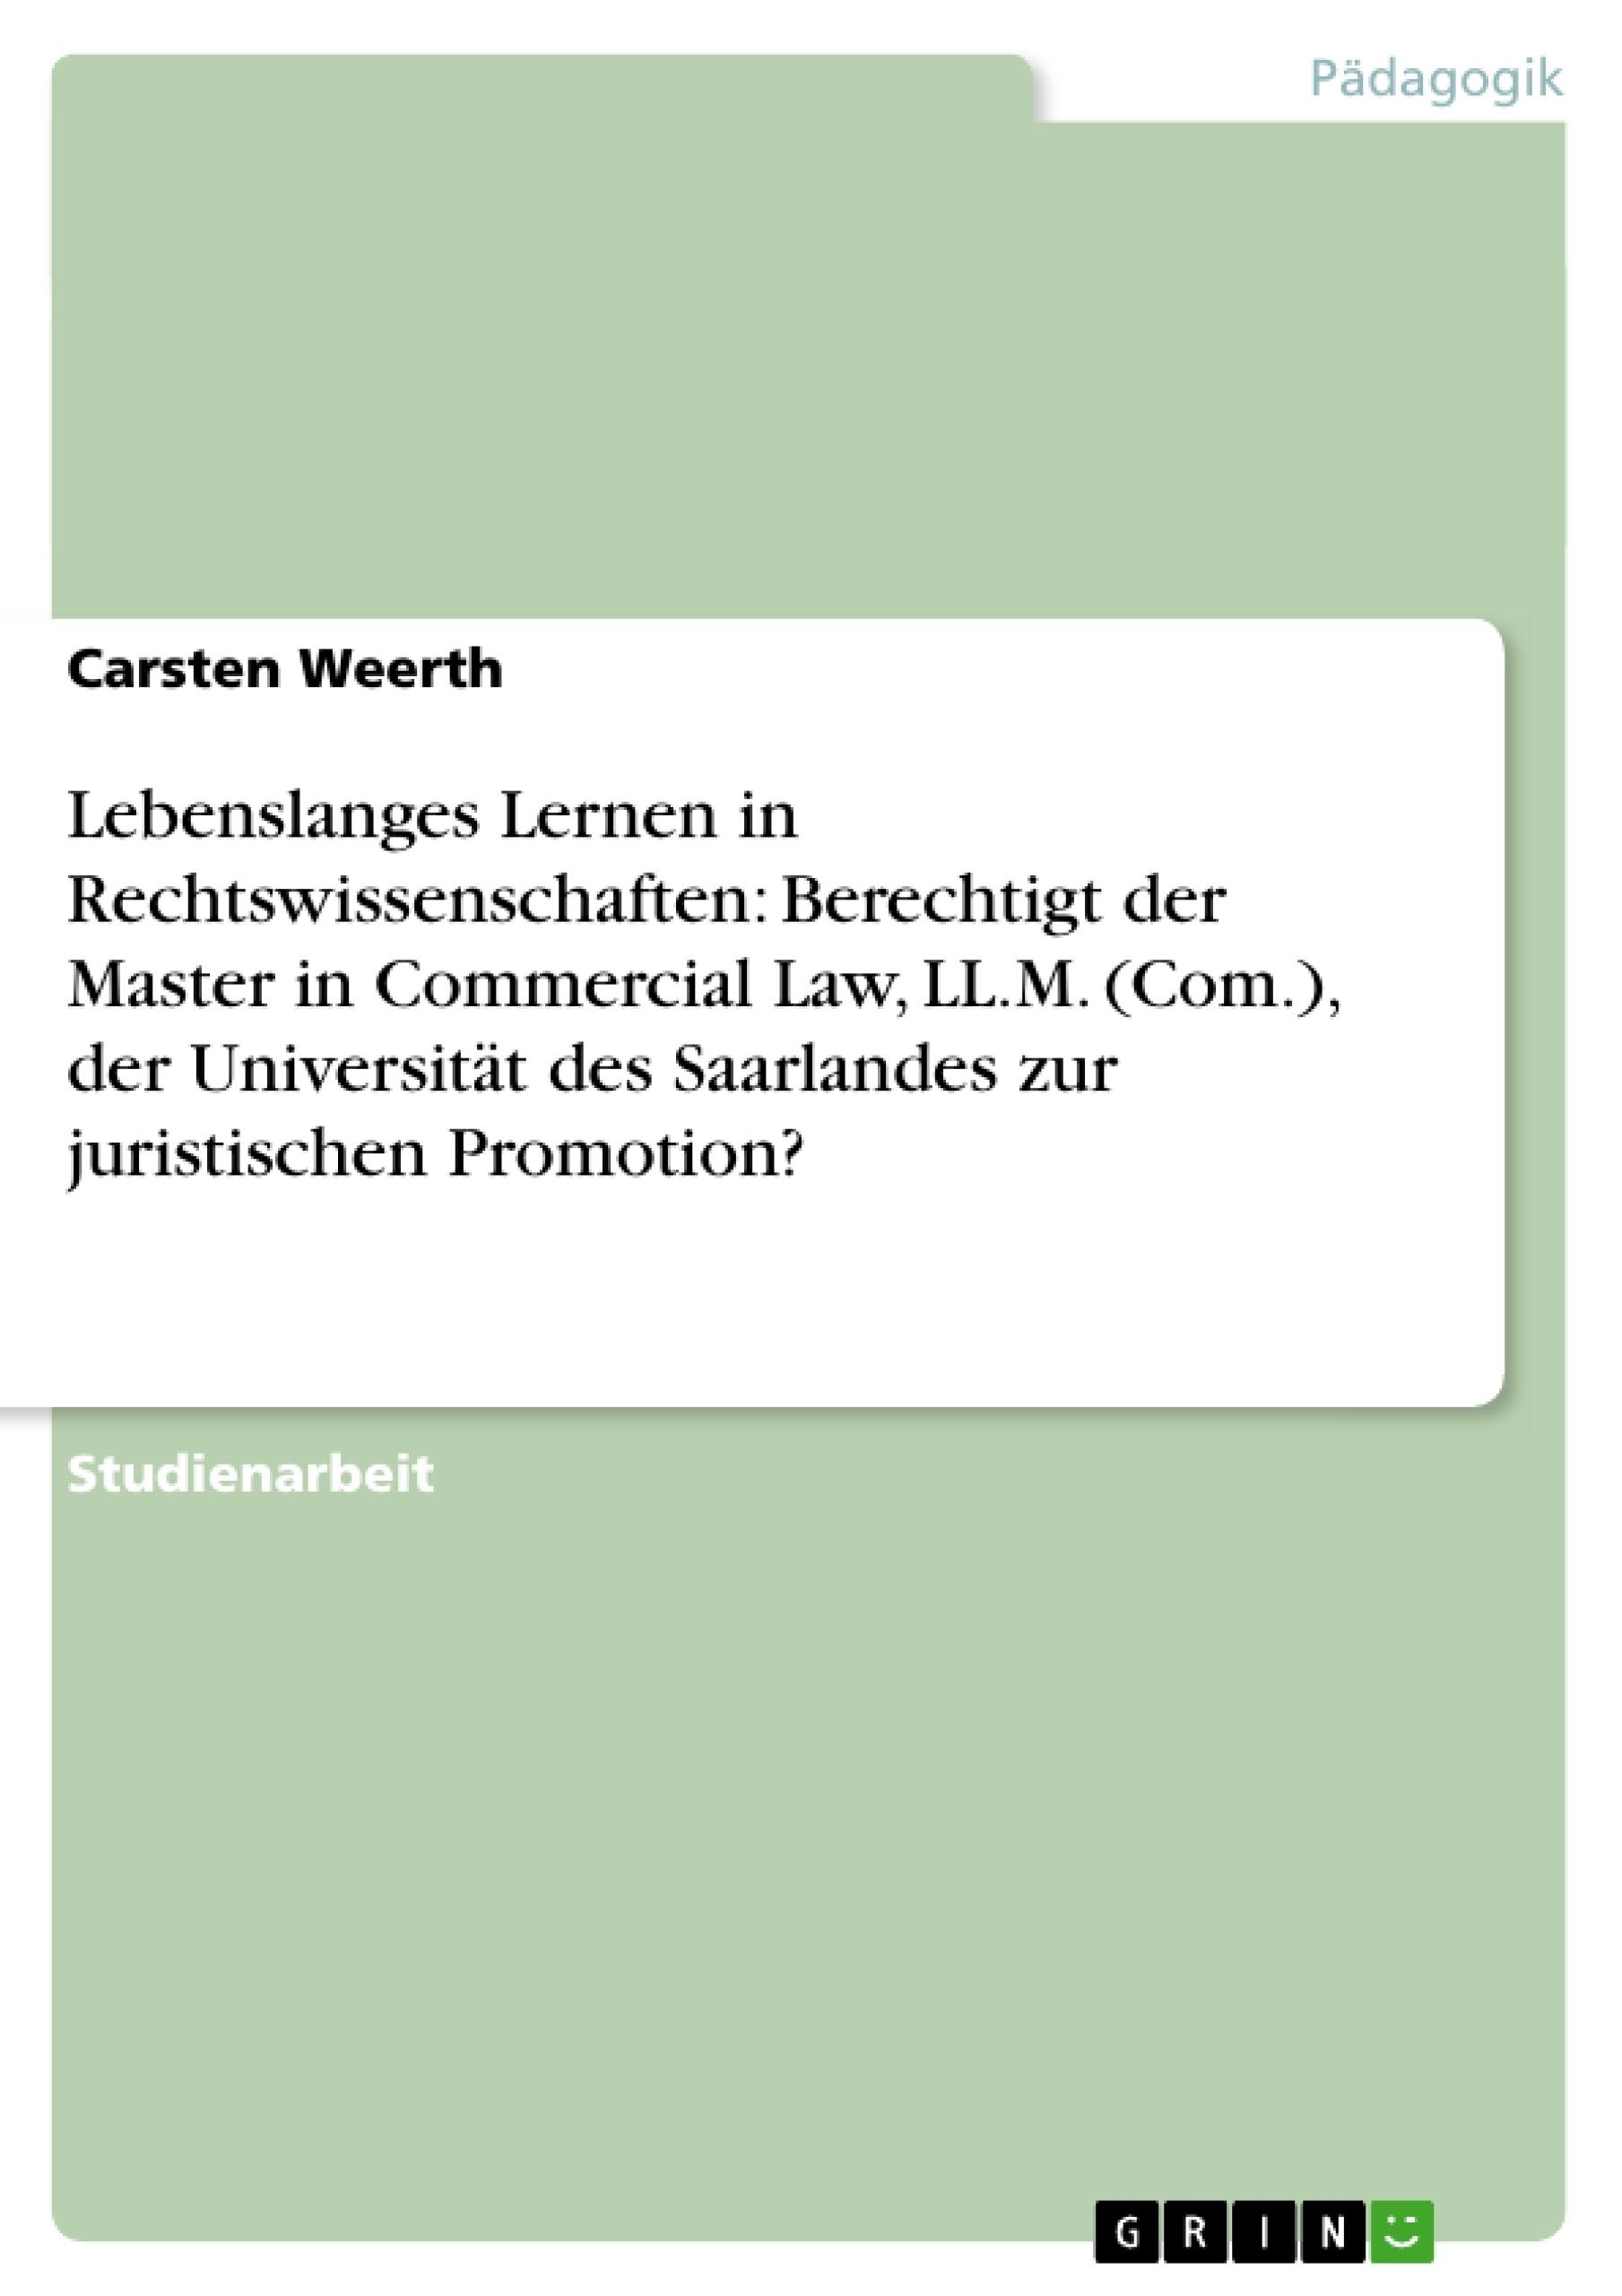 Titel: Lebenslanges Lernen in Rechtswissenschaften: Berechtigt der Master in Commercial Law, LL.M. (Com.), der Universität des Saarlandes zur juristischen Promotion?